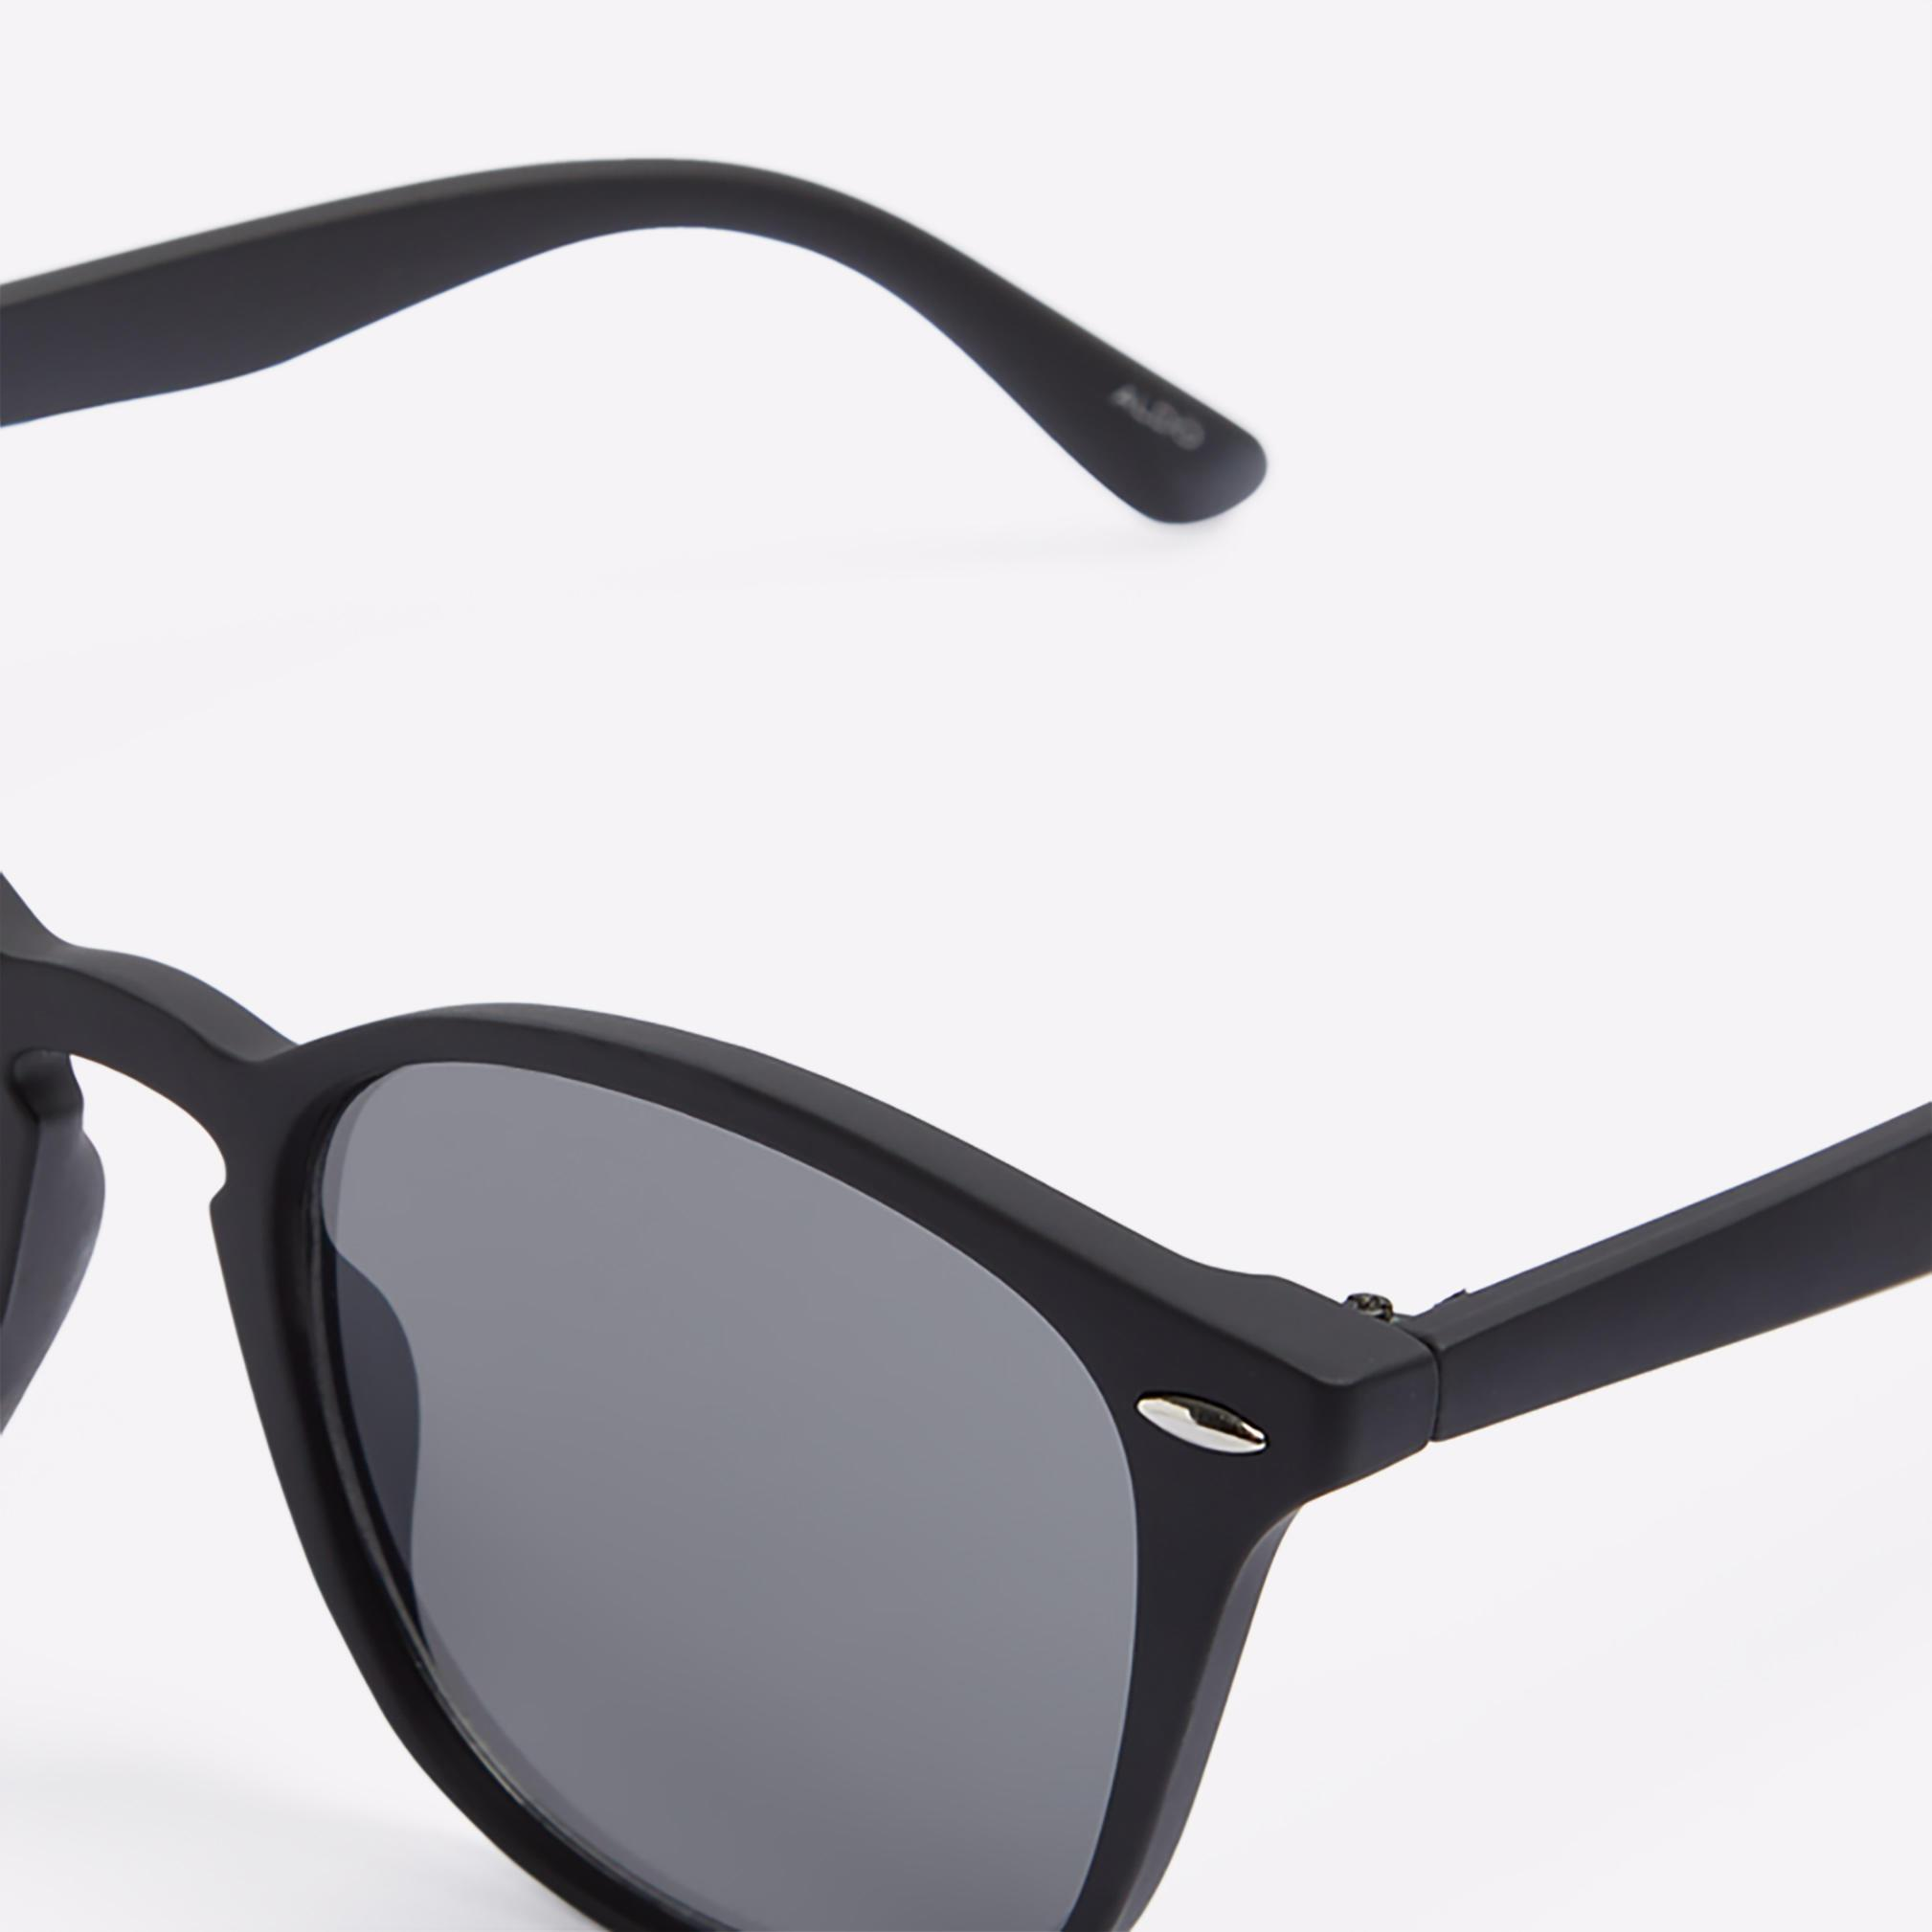 8970570c80a ALDO - Black Colwynbay for Men - Lyst. View fullscreen